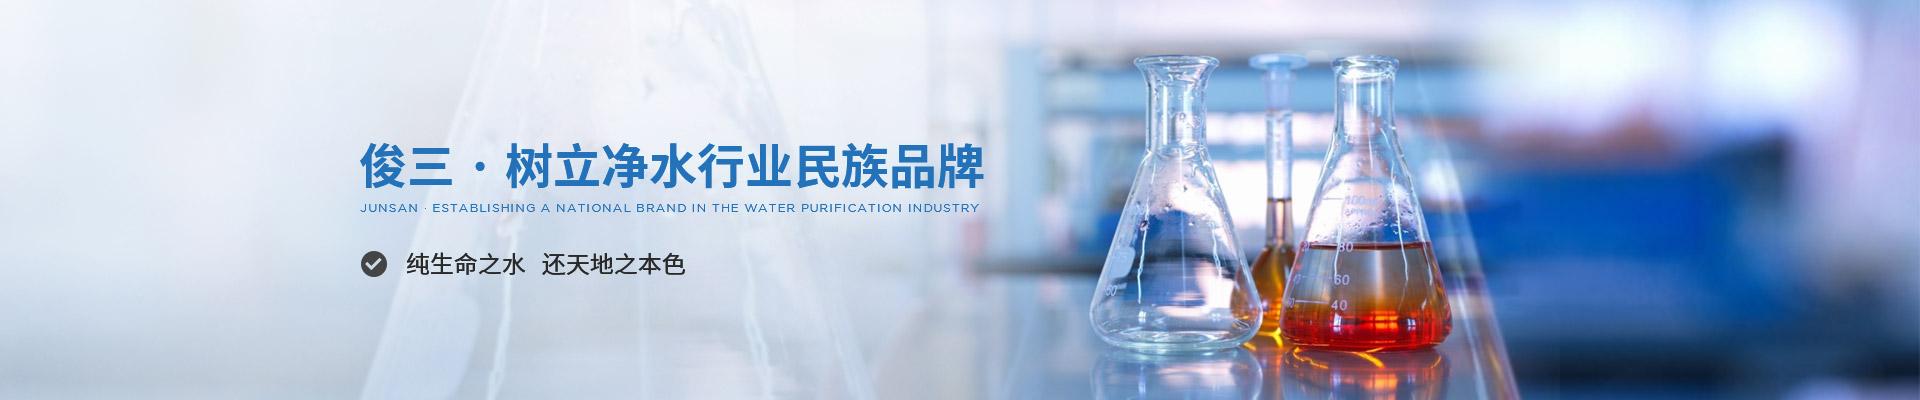 俊三 · 树立净水行业民族品牌